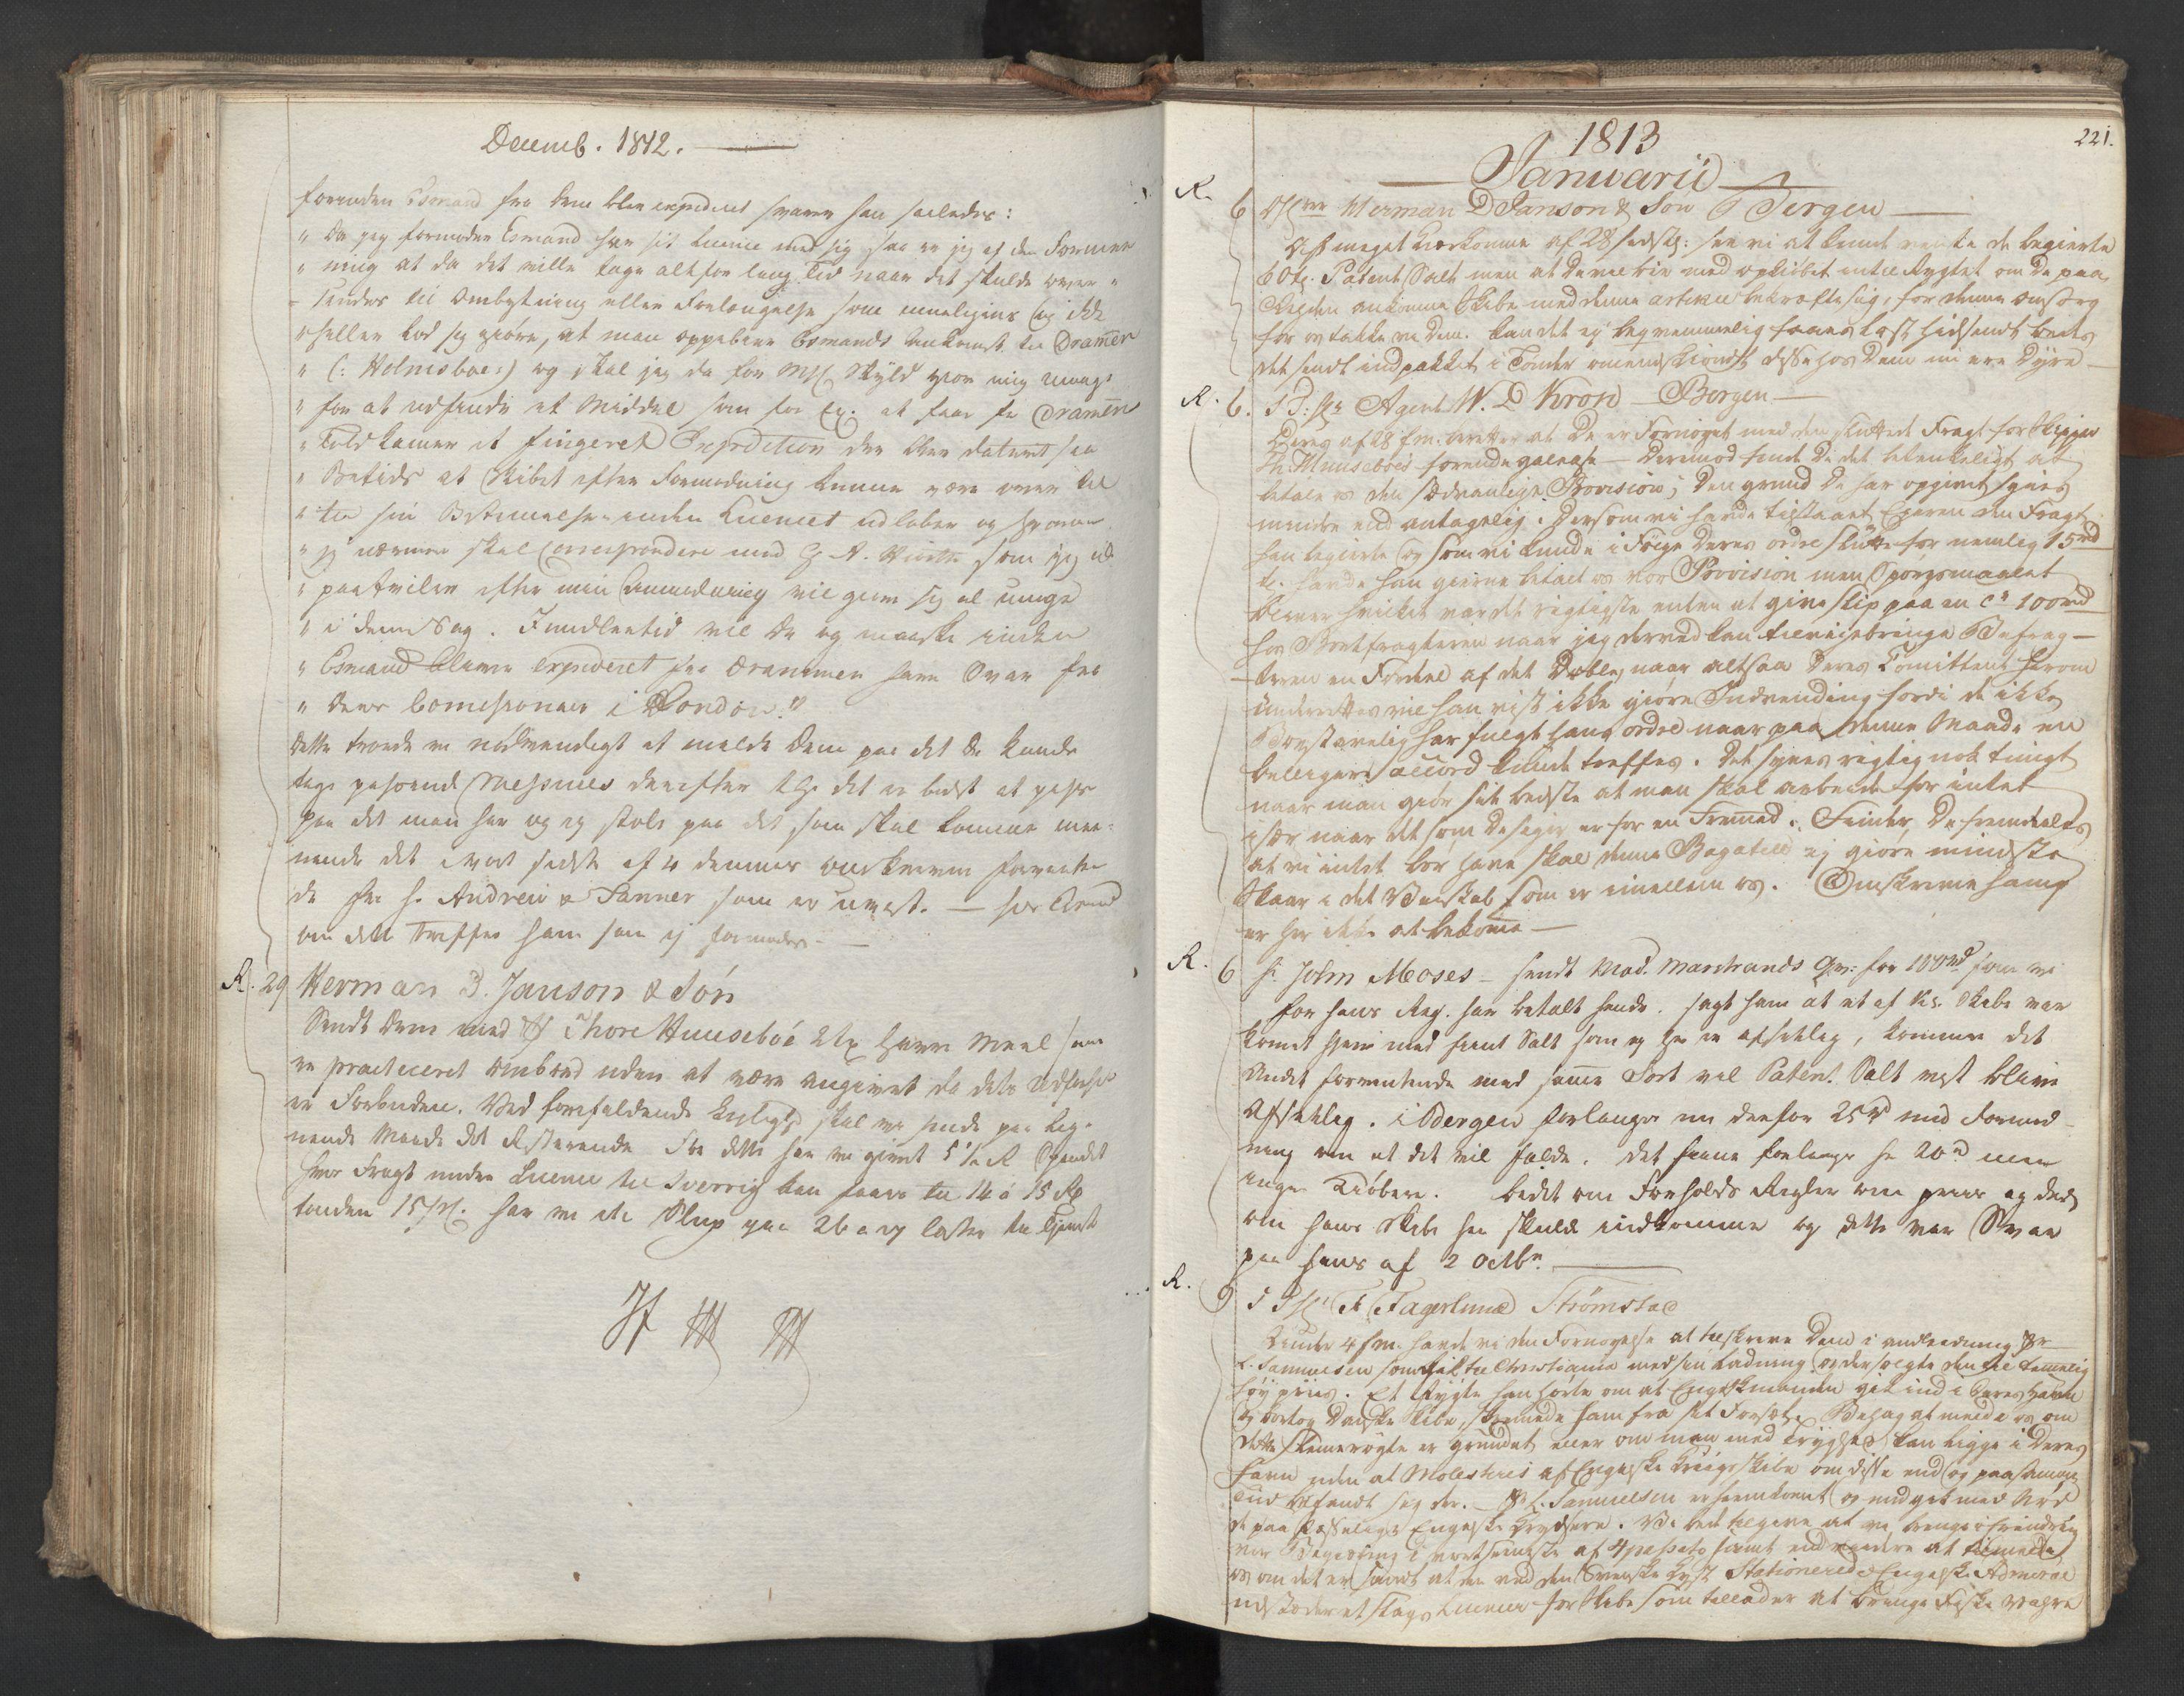 SAST, Pa 0003 - Ploug & Sundt, handelshuset, B/L0009: Kopibok, 1805-1816, s. 220b-221a